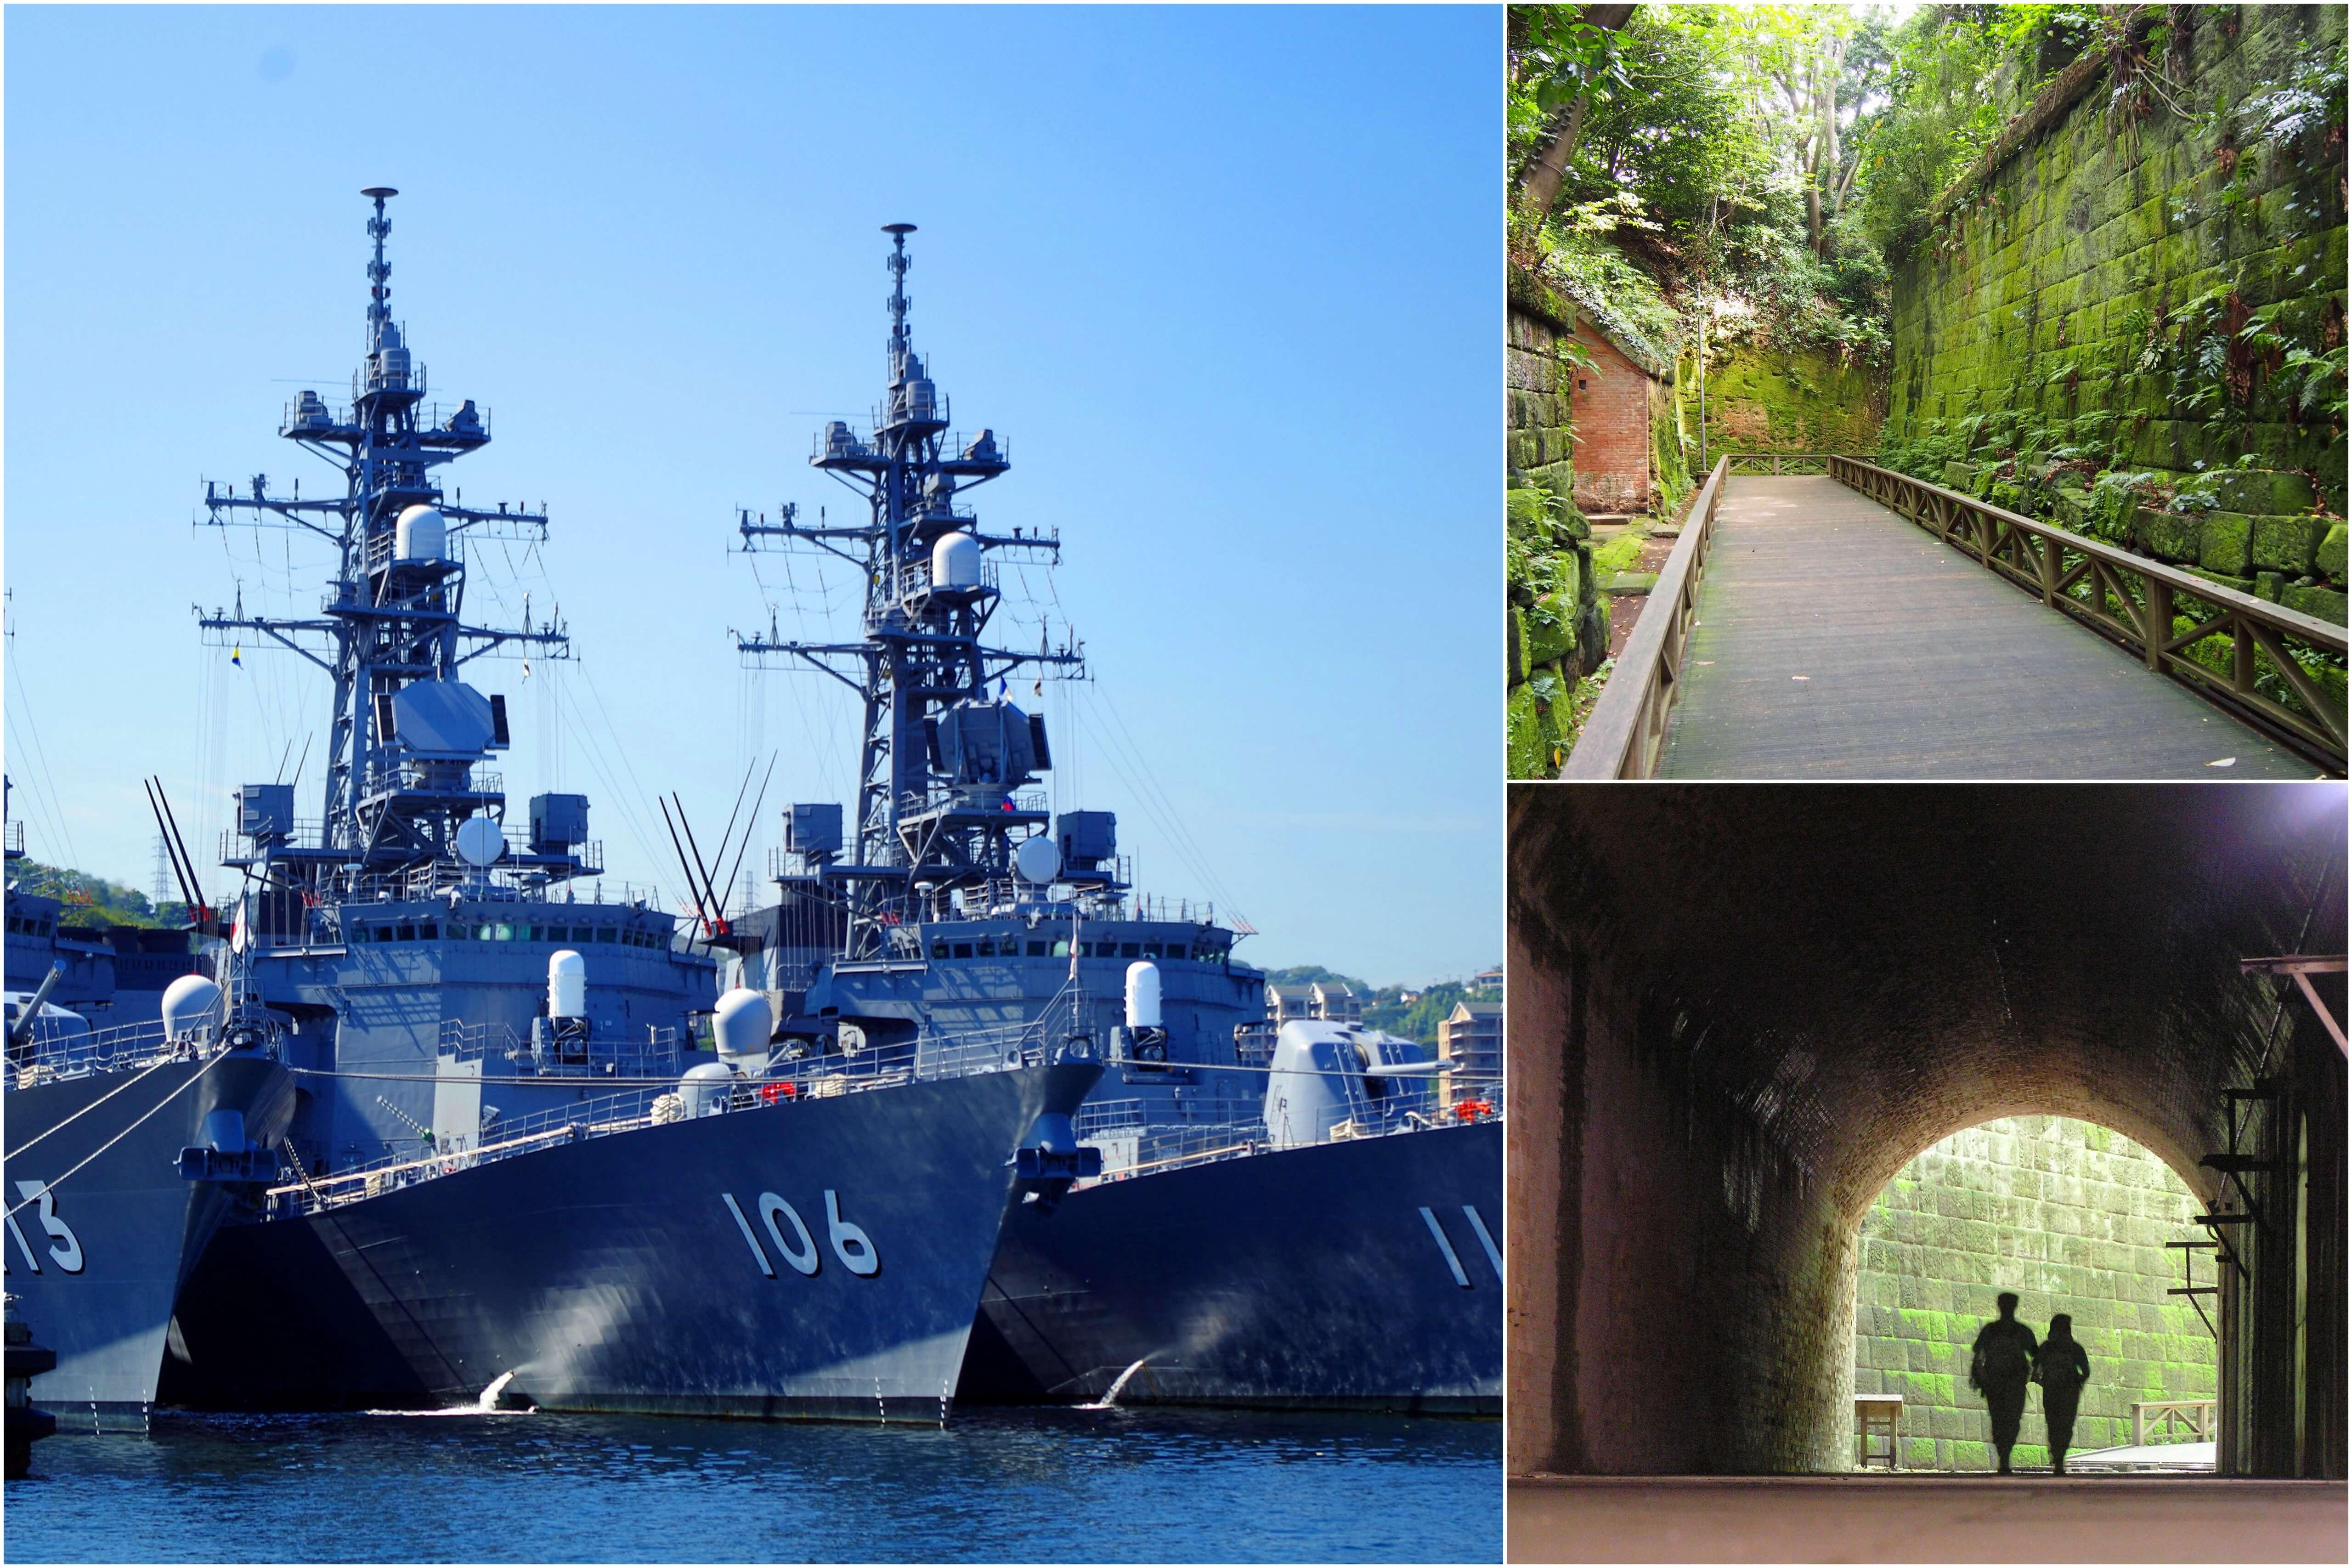 迫力満点!「YOKOSUKA軍港めぐりクルーズ」とインスタ映えする神秘の無人島『猿島』探検<三崎マグロ尽くし海鮮丼の昼食付>